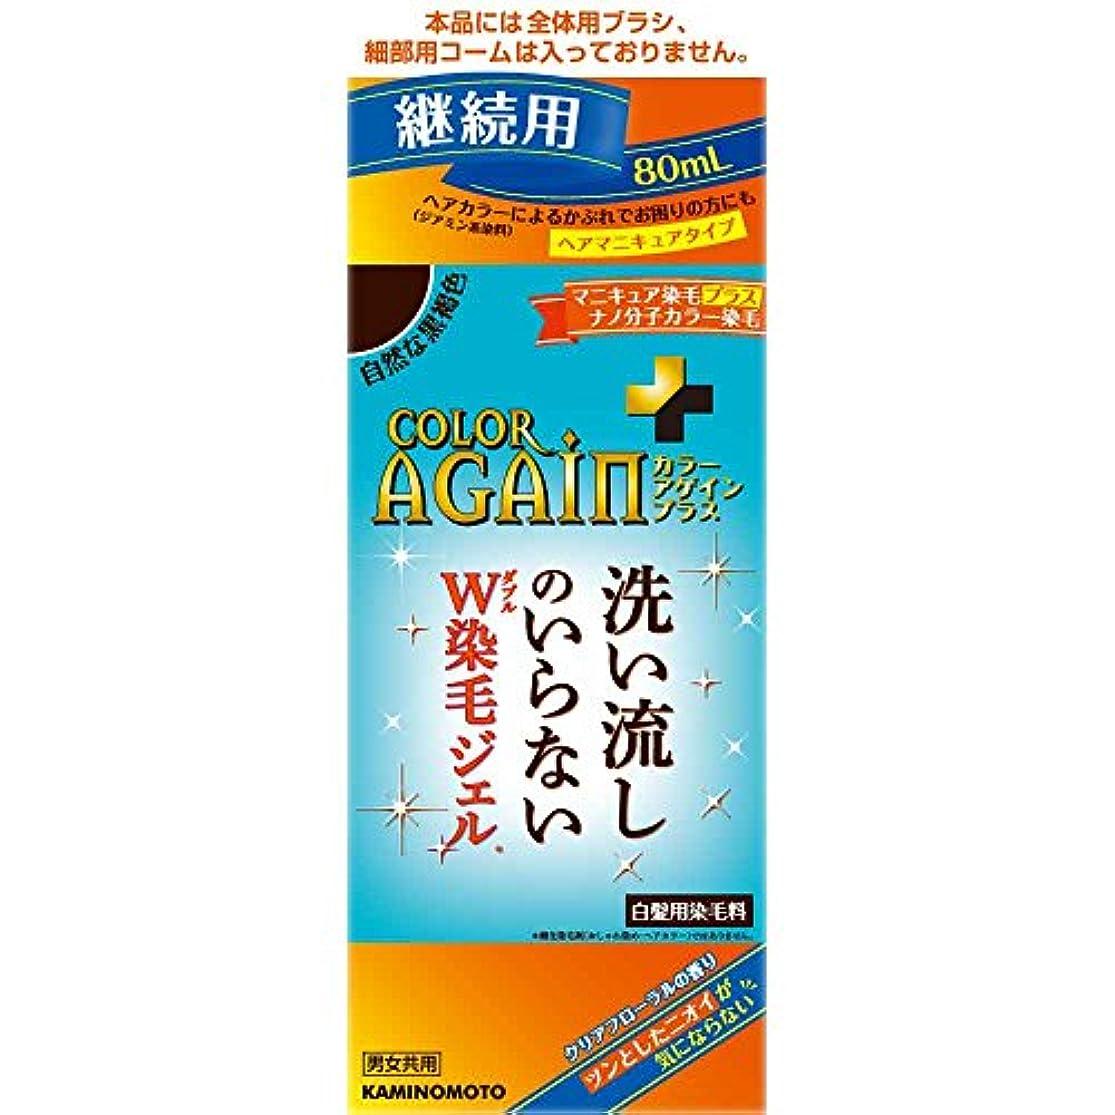 クリープ甘やかすマルコポーロカラーアゲインプラス 自然な黒褐色 継続用 80mL